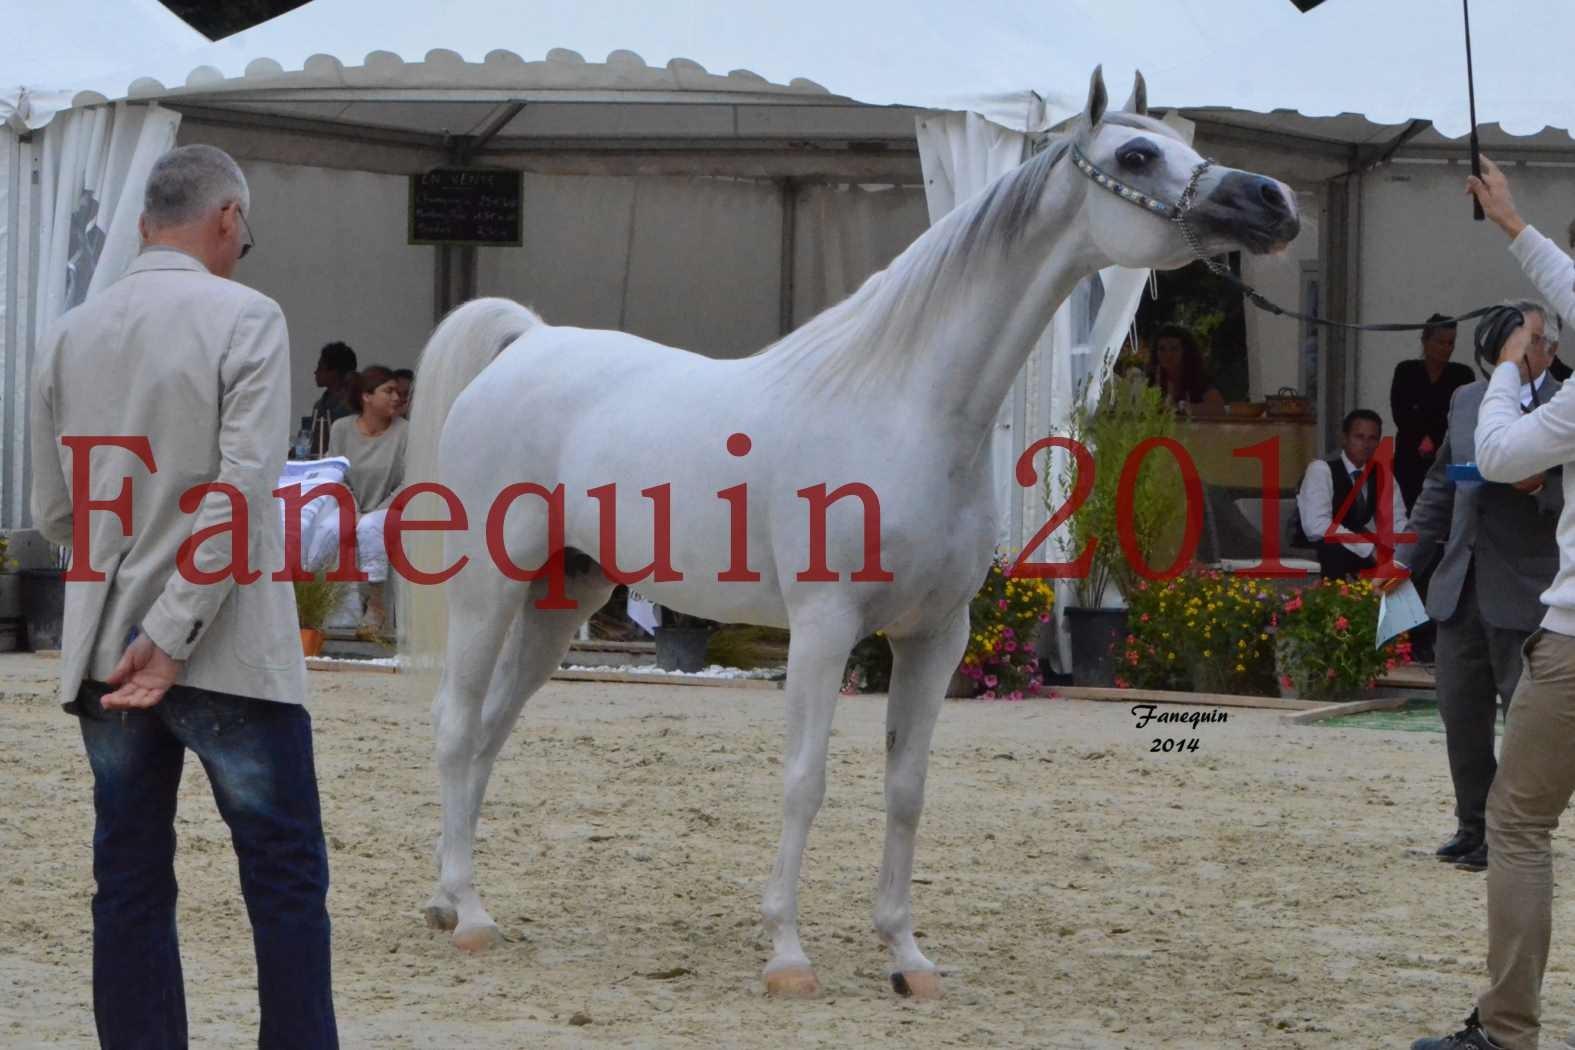 CHAMPIONNAT DE FRANCE 2014 A POMPADOUR - Notre Sélection - BLEUENN MILIN AVEL - 07